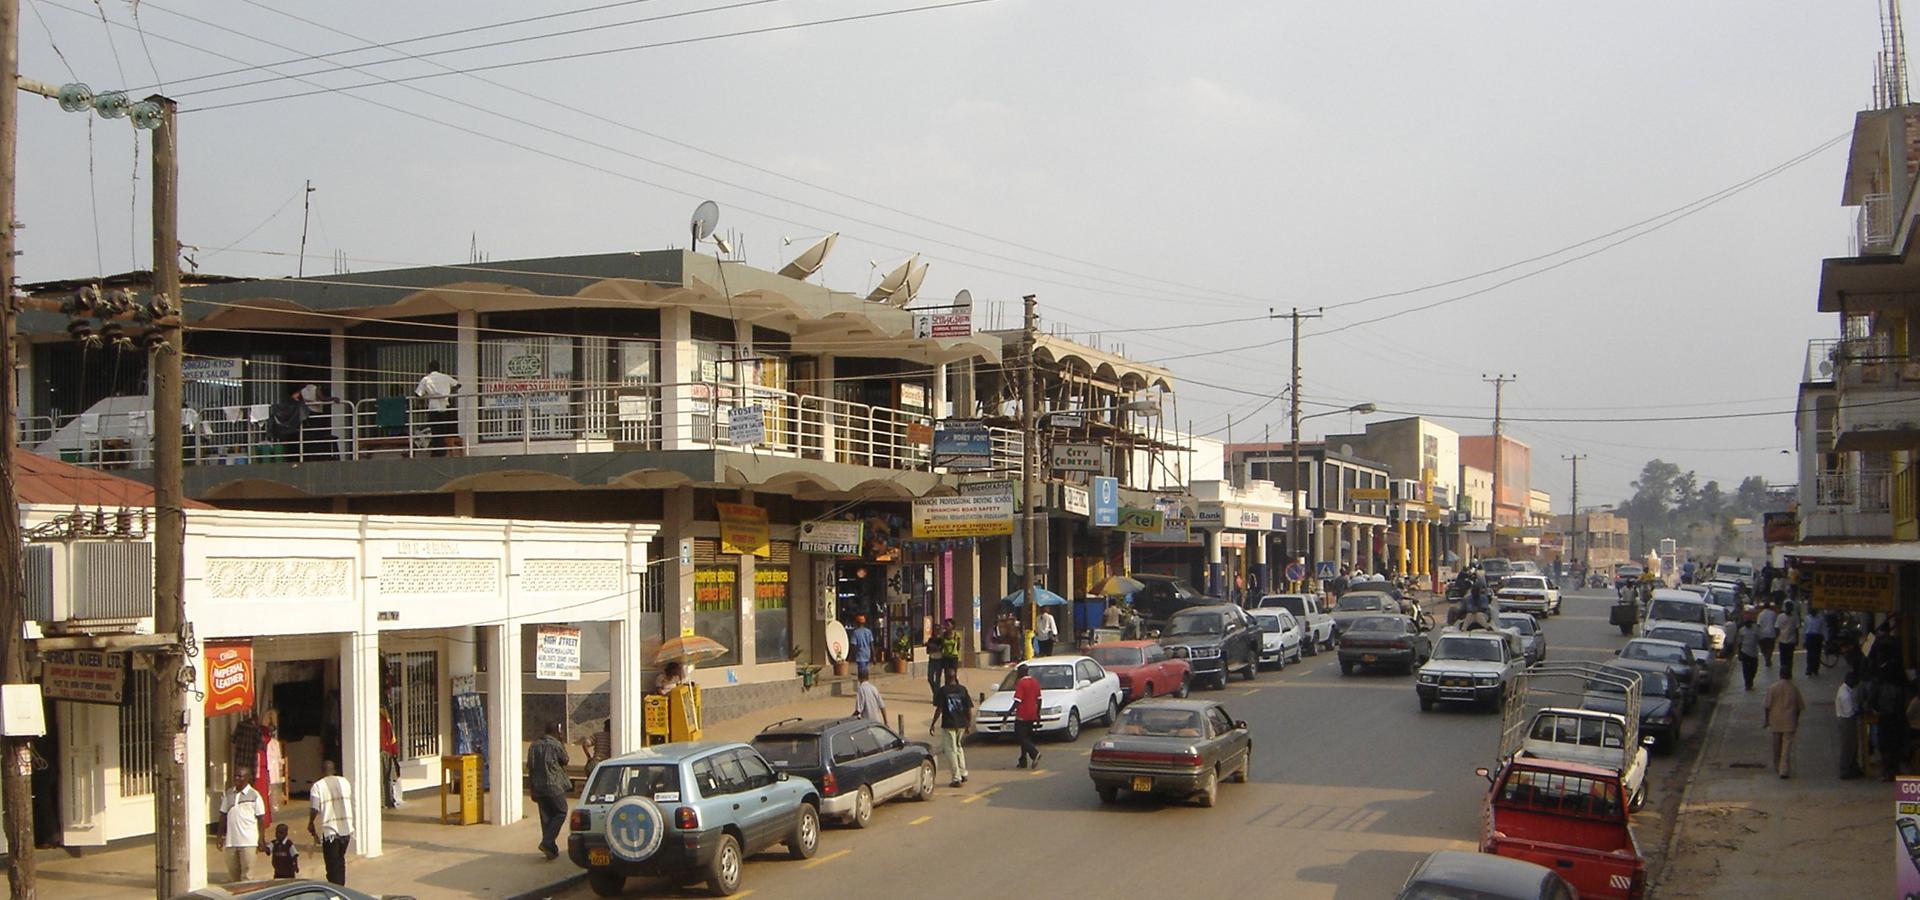 Mbarara, The Western Region, Uganda